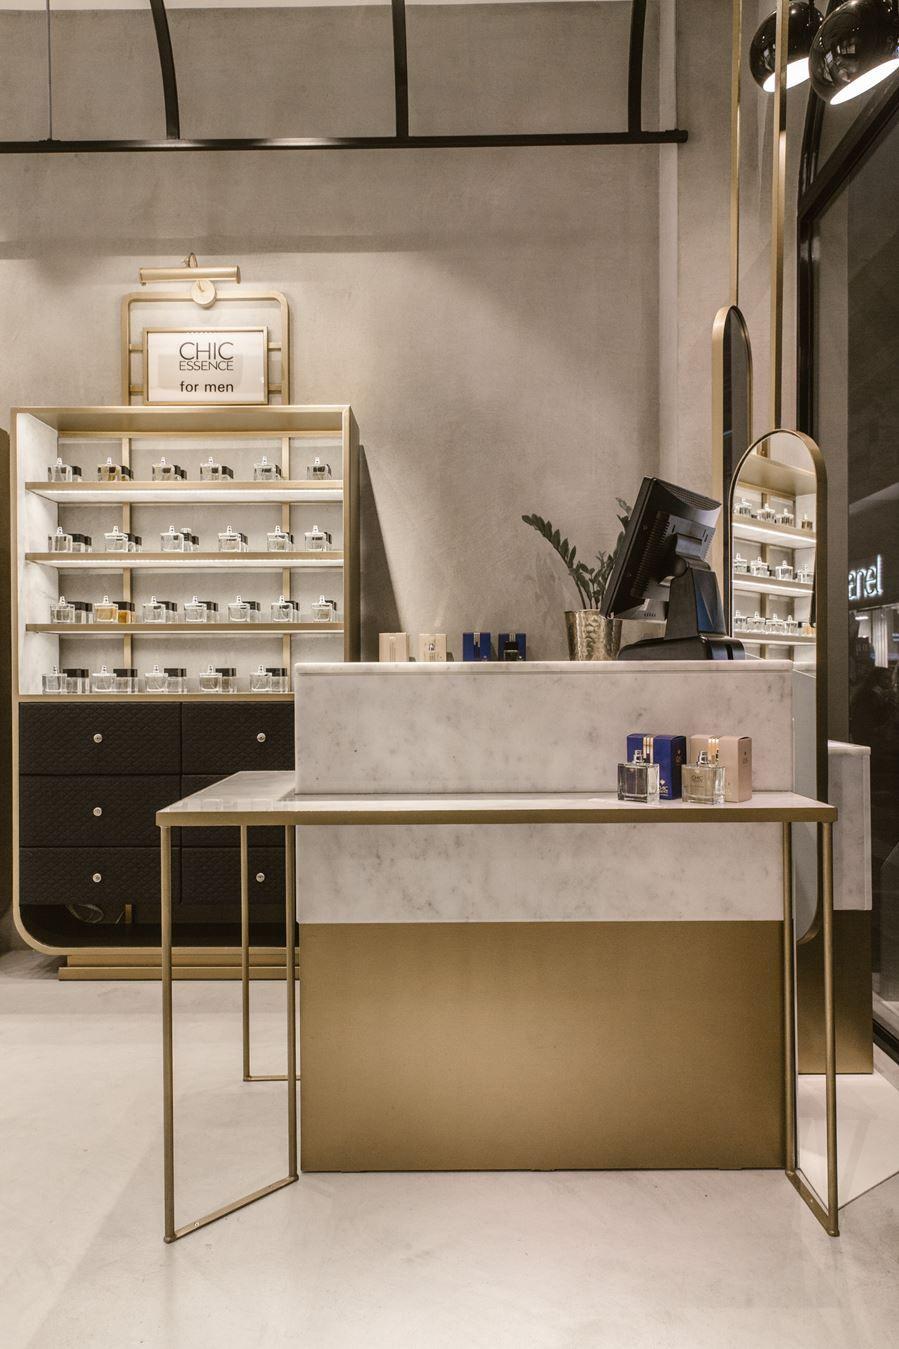 Chic Essence Perfurme Shop Picture Gallery Design Negozio Interni Di Negozio Architettura Di Interni